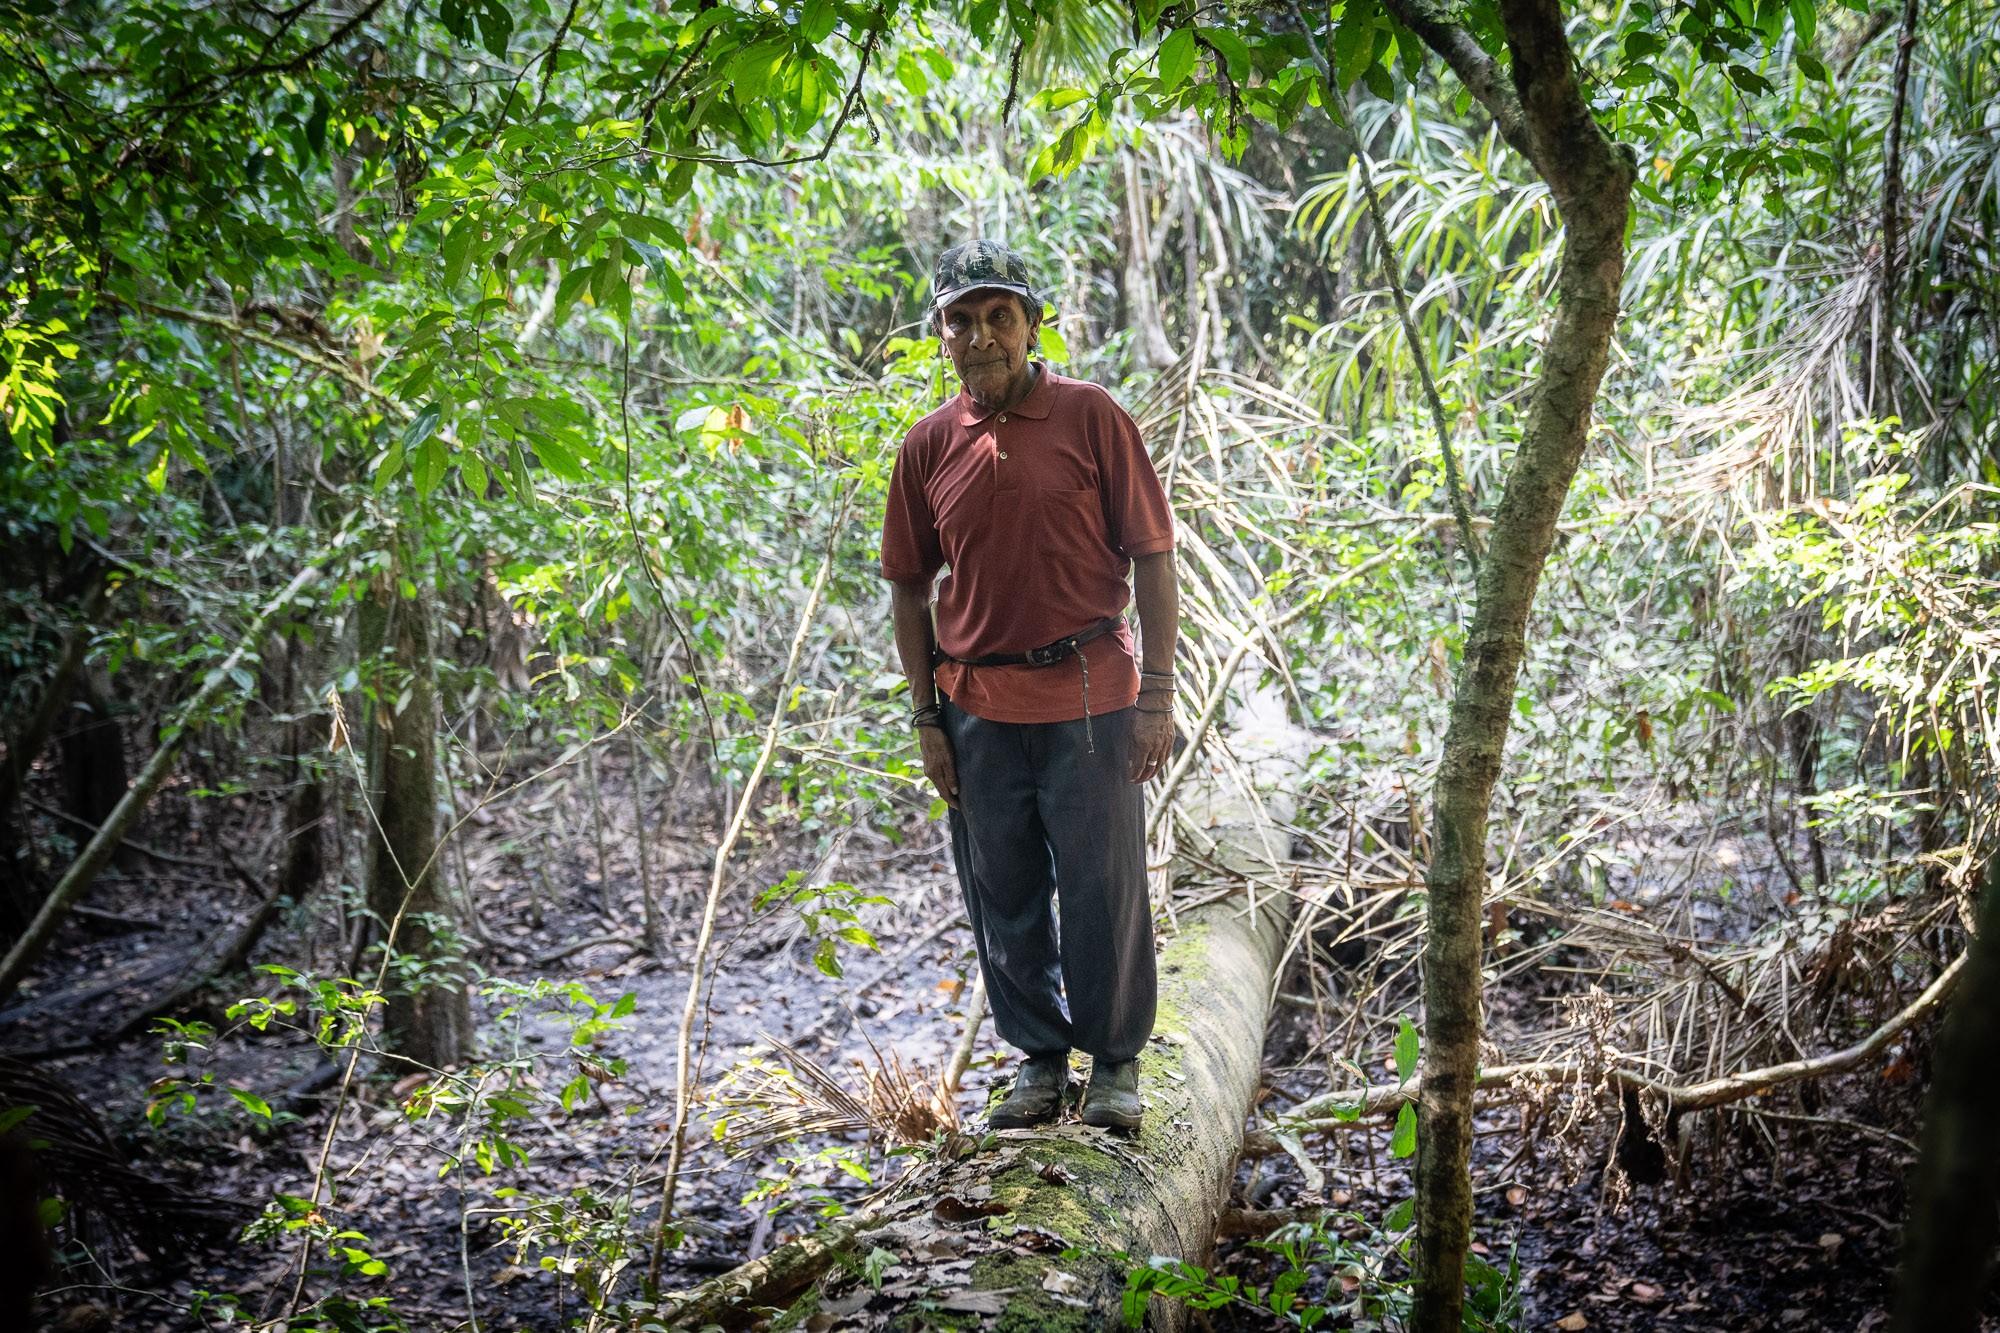 Aripa, Batiti e Eric: três gerações de karipunas que lutam contra invasões e  risco de genocídio - Notícias - Plantão Diário